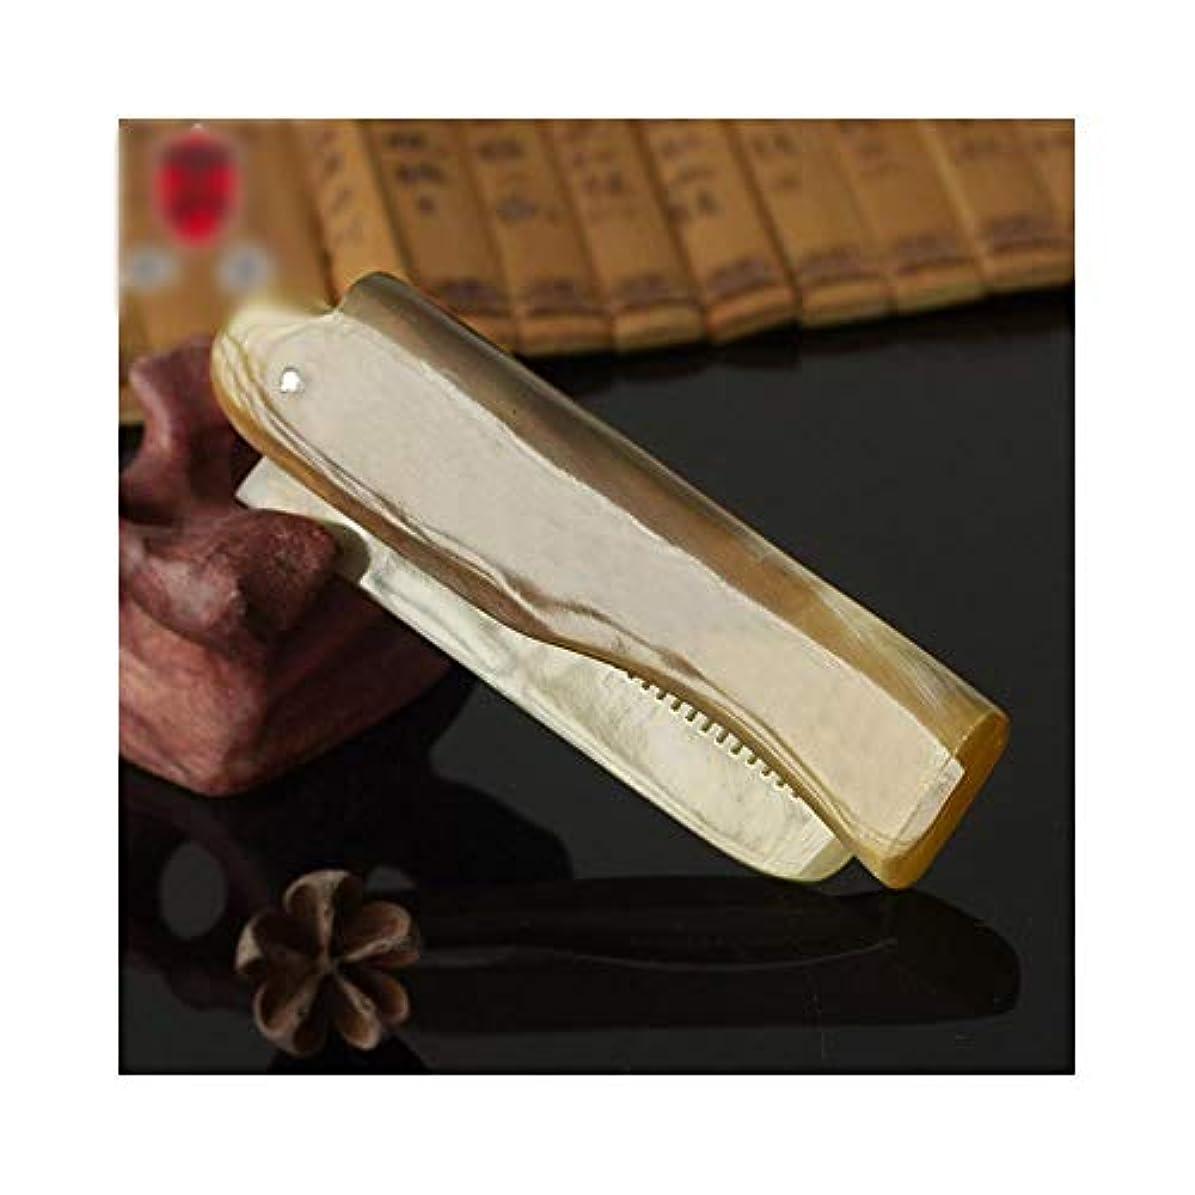 遮る誘導精査WASAIO ナチュラルバッファローホーン櫛カーリーストレートヘアブラシブラシ手作りの木製抗静的ポータブルトラベル折りたたみヘアブラシ(ファイン歯、17センチメートル)